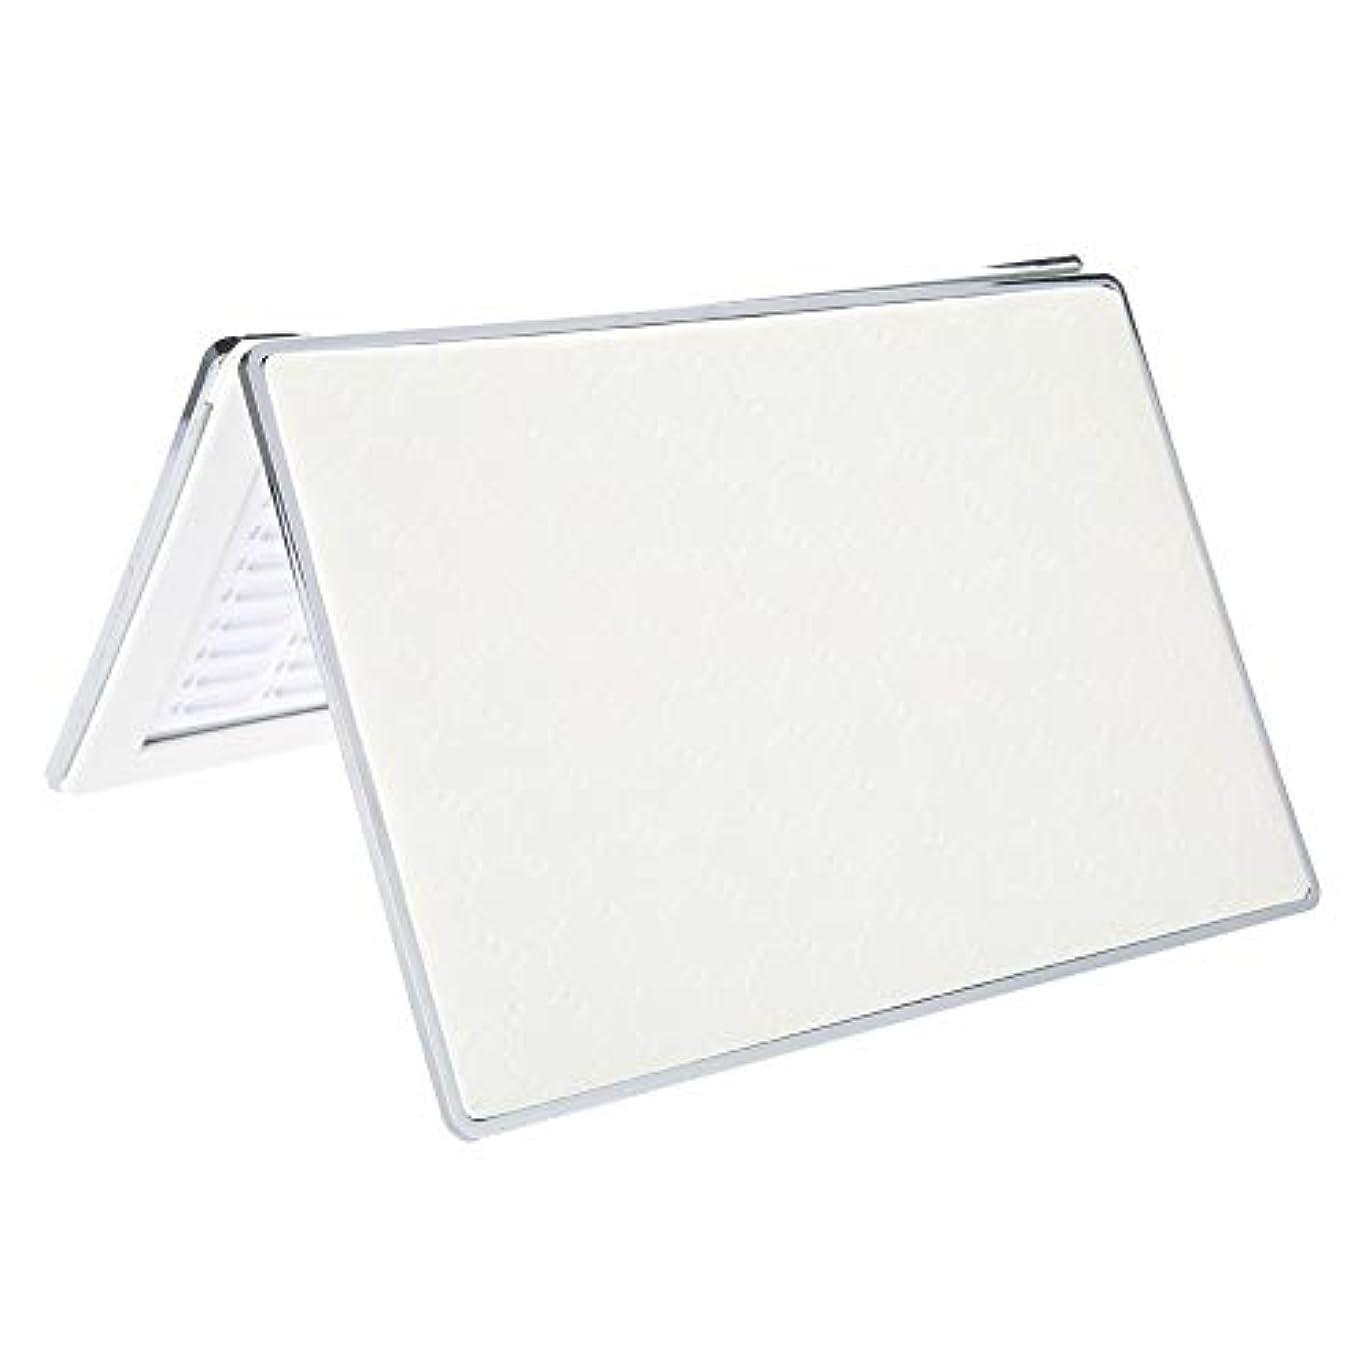 誤解を招く判読できない債務者ネイルアートディスプレイ 160色 ディスプレイスタンド プラスチック板 ネイルポリッシュカラー ディスプレイ サロン アクセサリー(03)